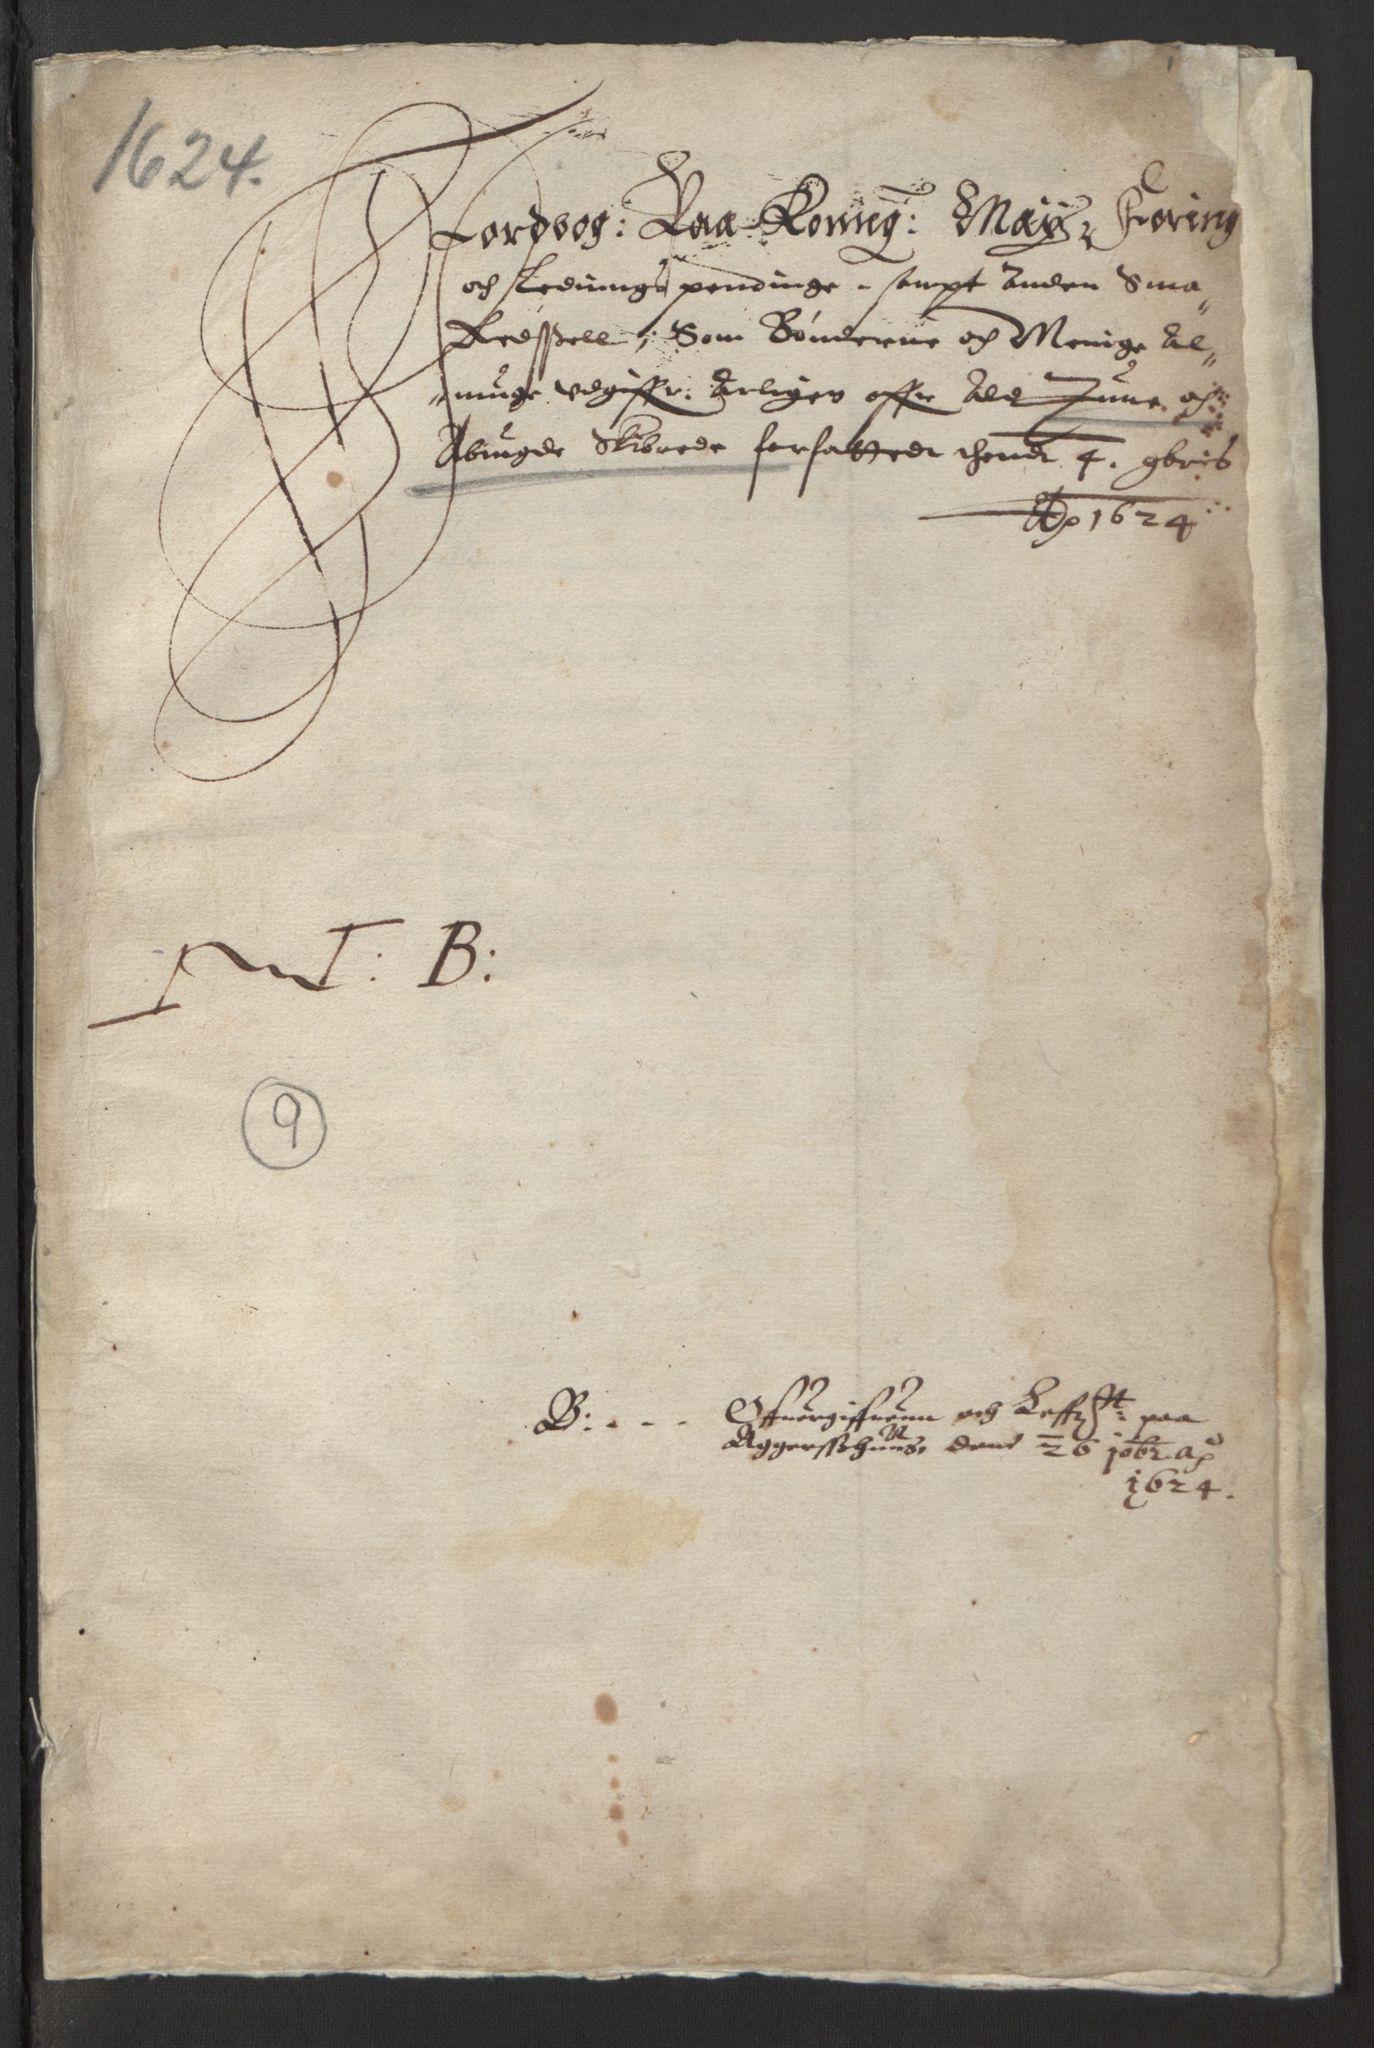 RA, Stattholderembetet 1572-1771, Ek/L0001: Jordebøker før 1624 og til utligning av garnisonsskatt 1624-1626:, 1624-1625, s. 204